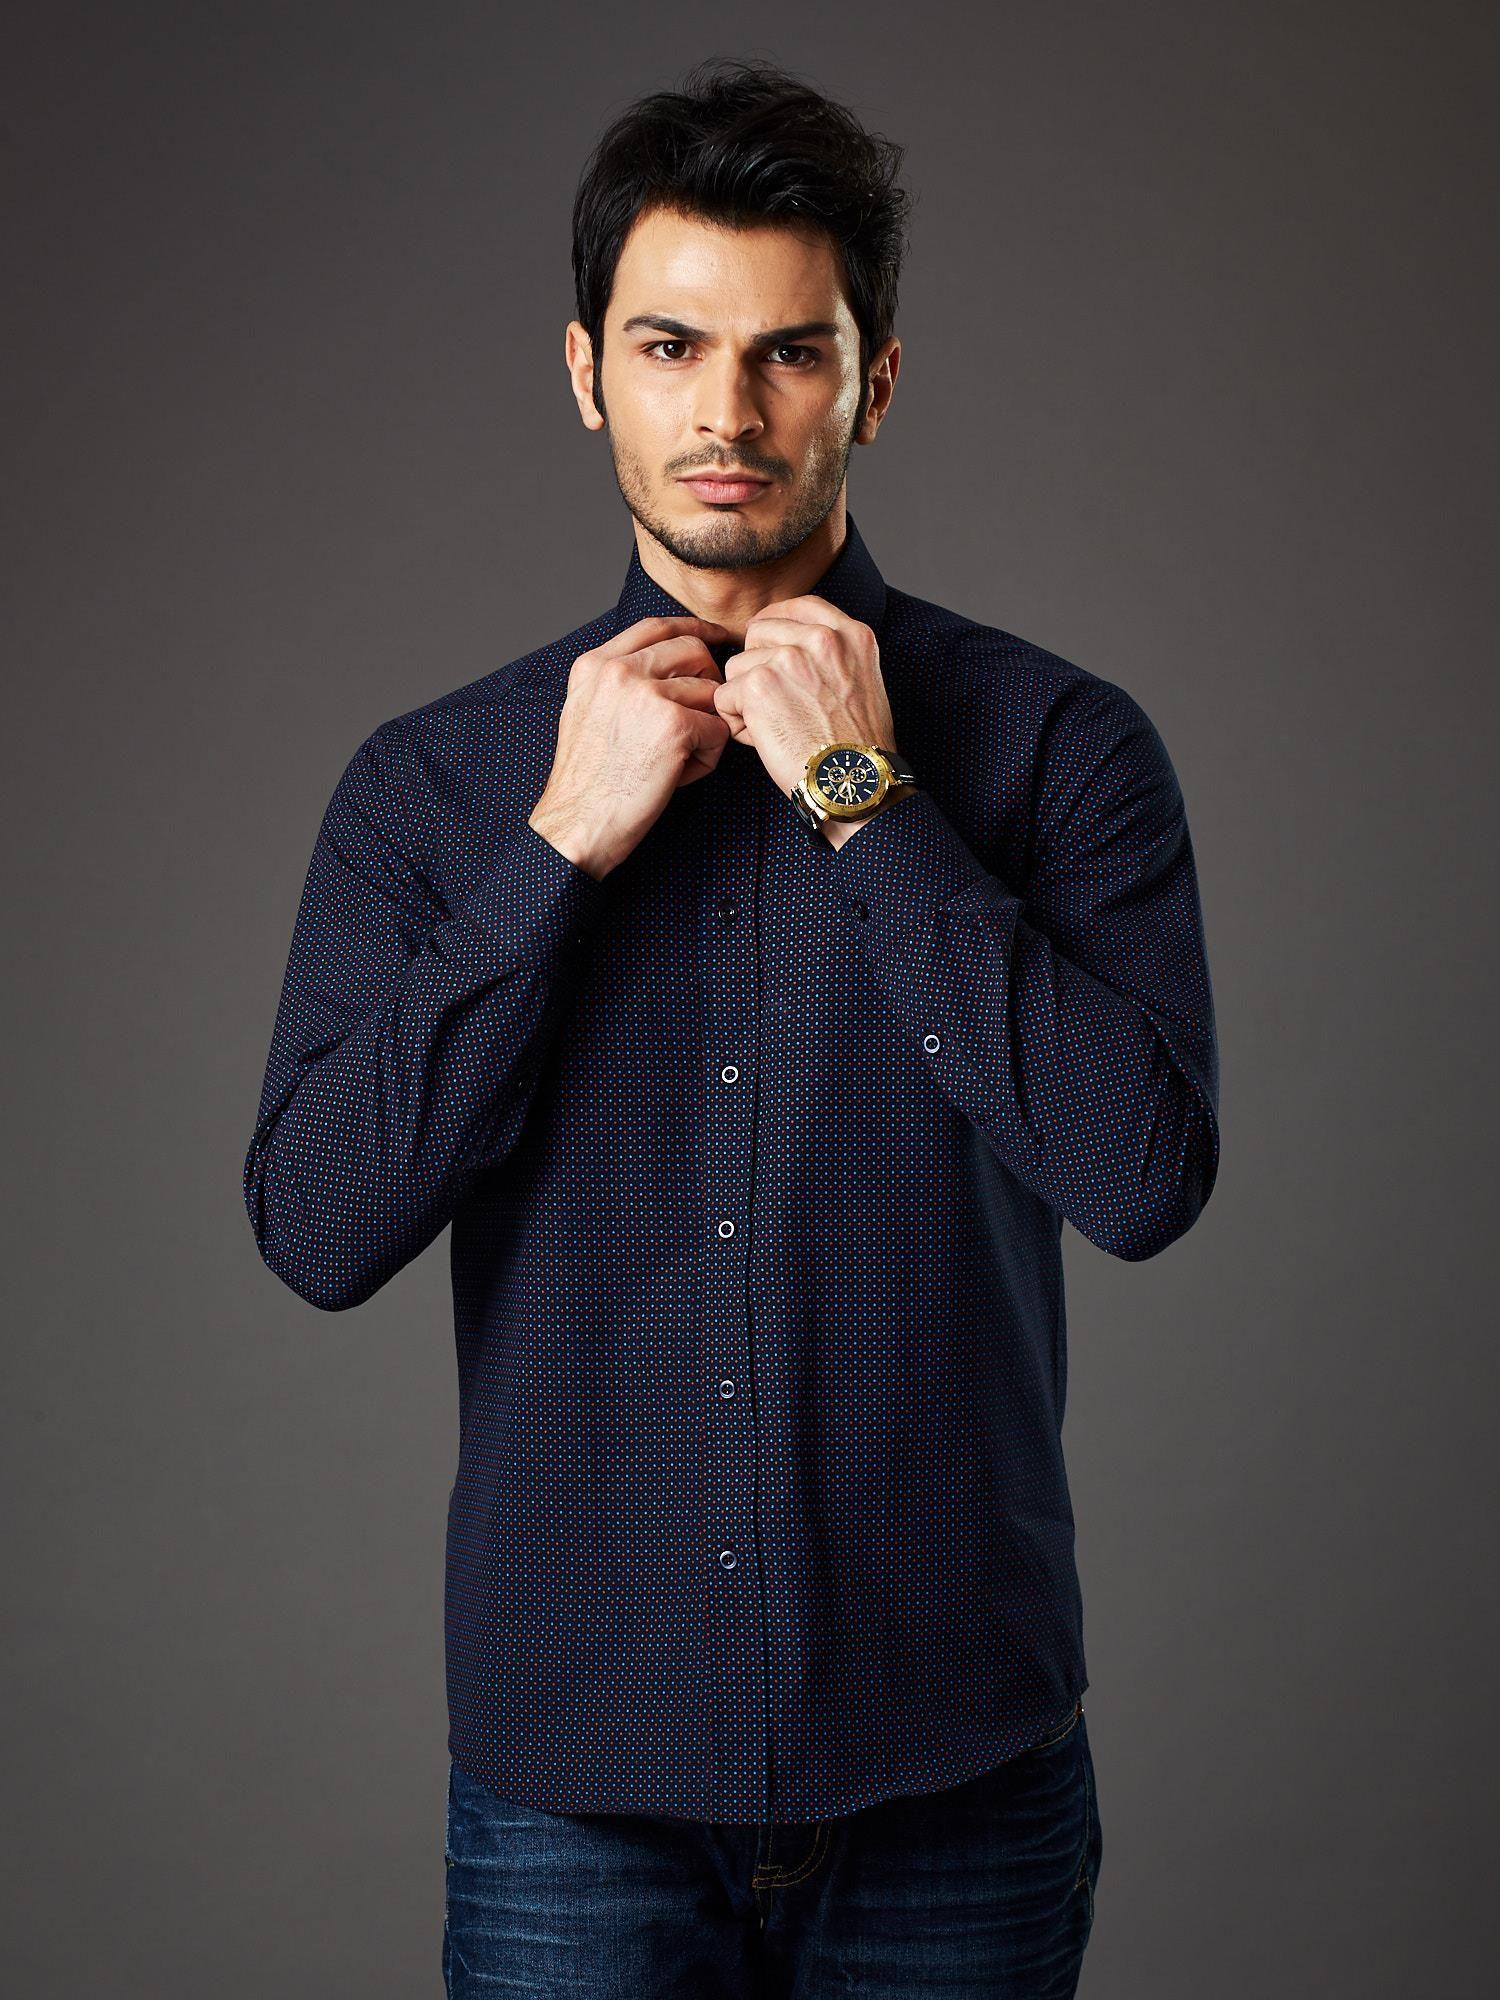 5efdedb6aa80 Granatowa koszula męska w kropki regular fit - Mężczyźni koszula ...